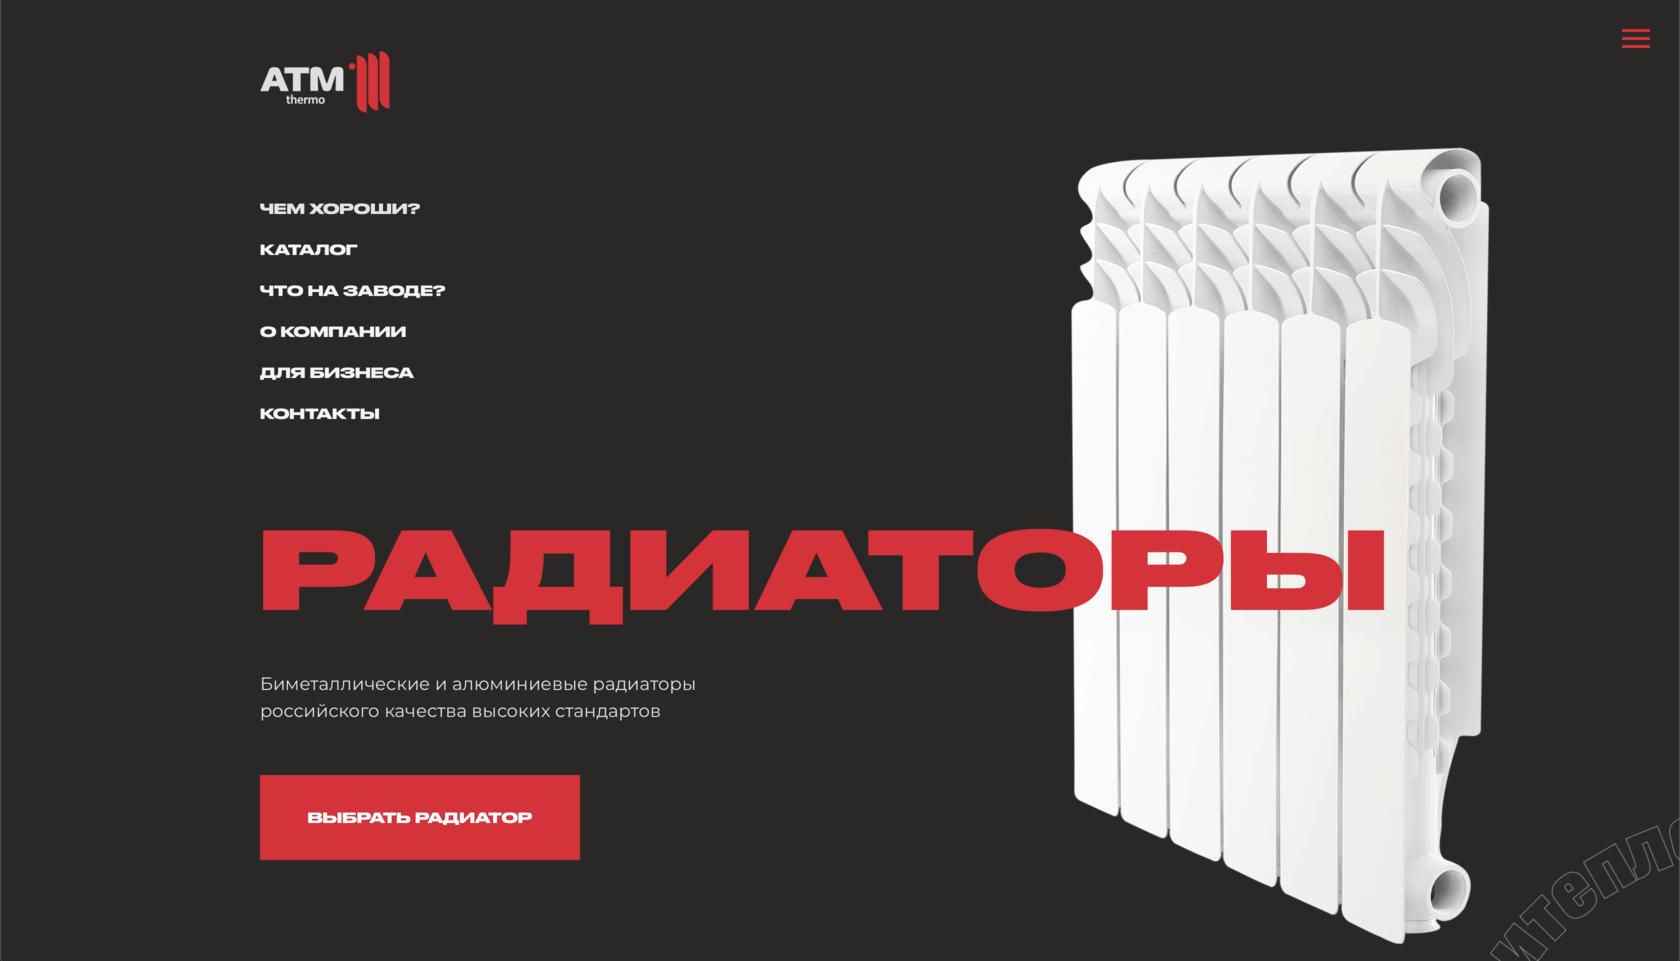 сделать сайт для техники, создать сайт для радиаторов, красивый сайт для ремонта, сайт для оборудования, красивый сайт для оборудования.